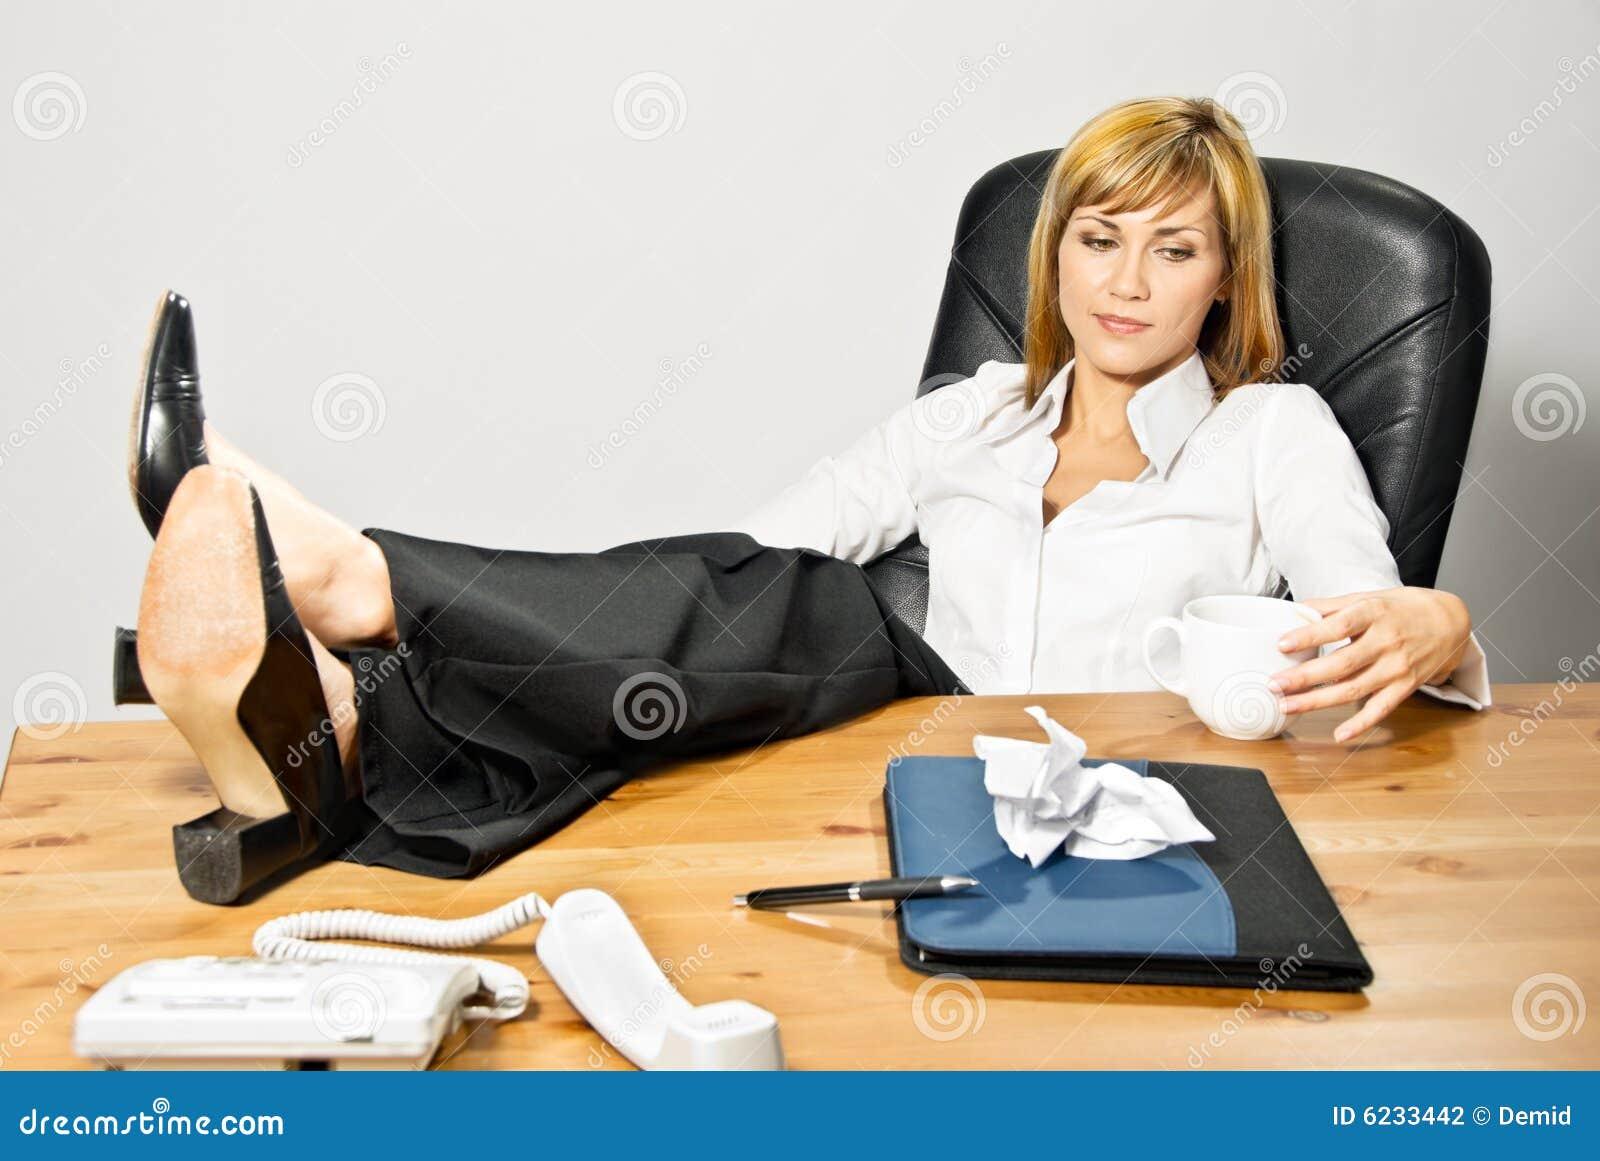 lazy female manager - photo #2